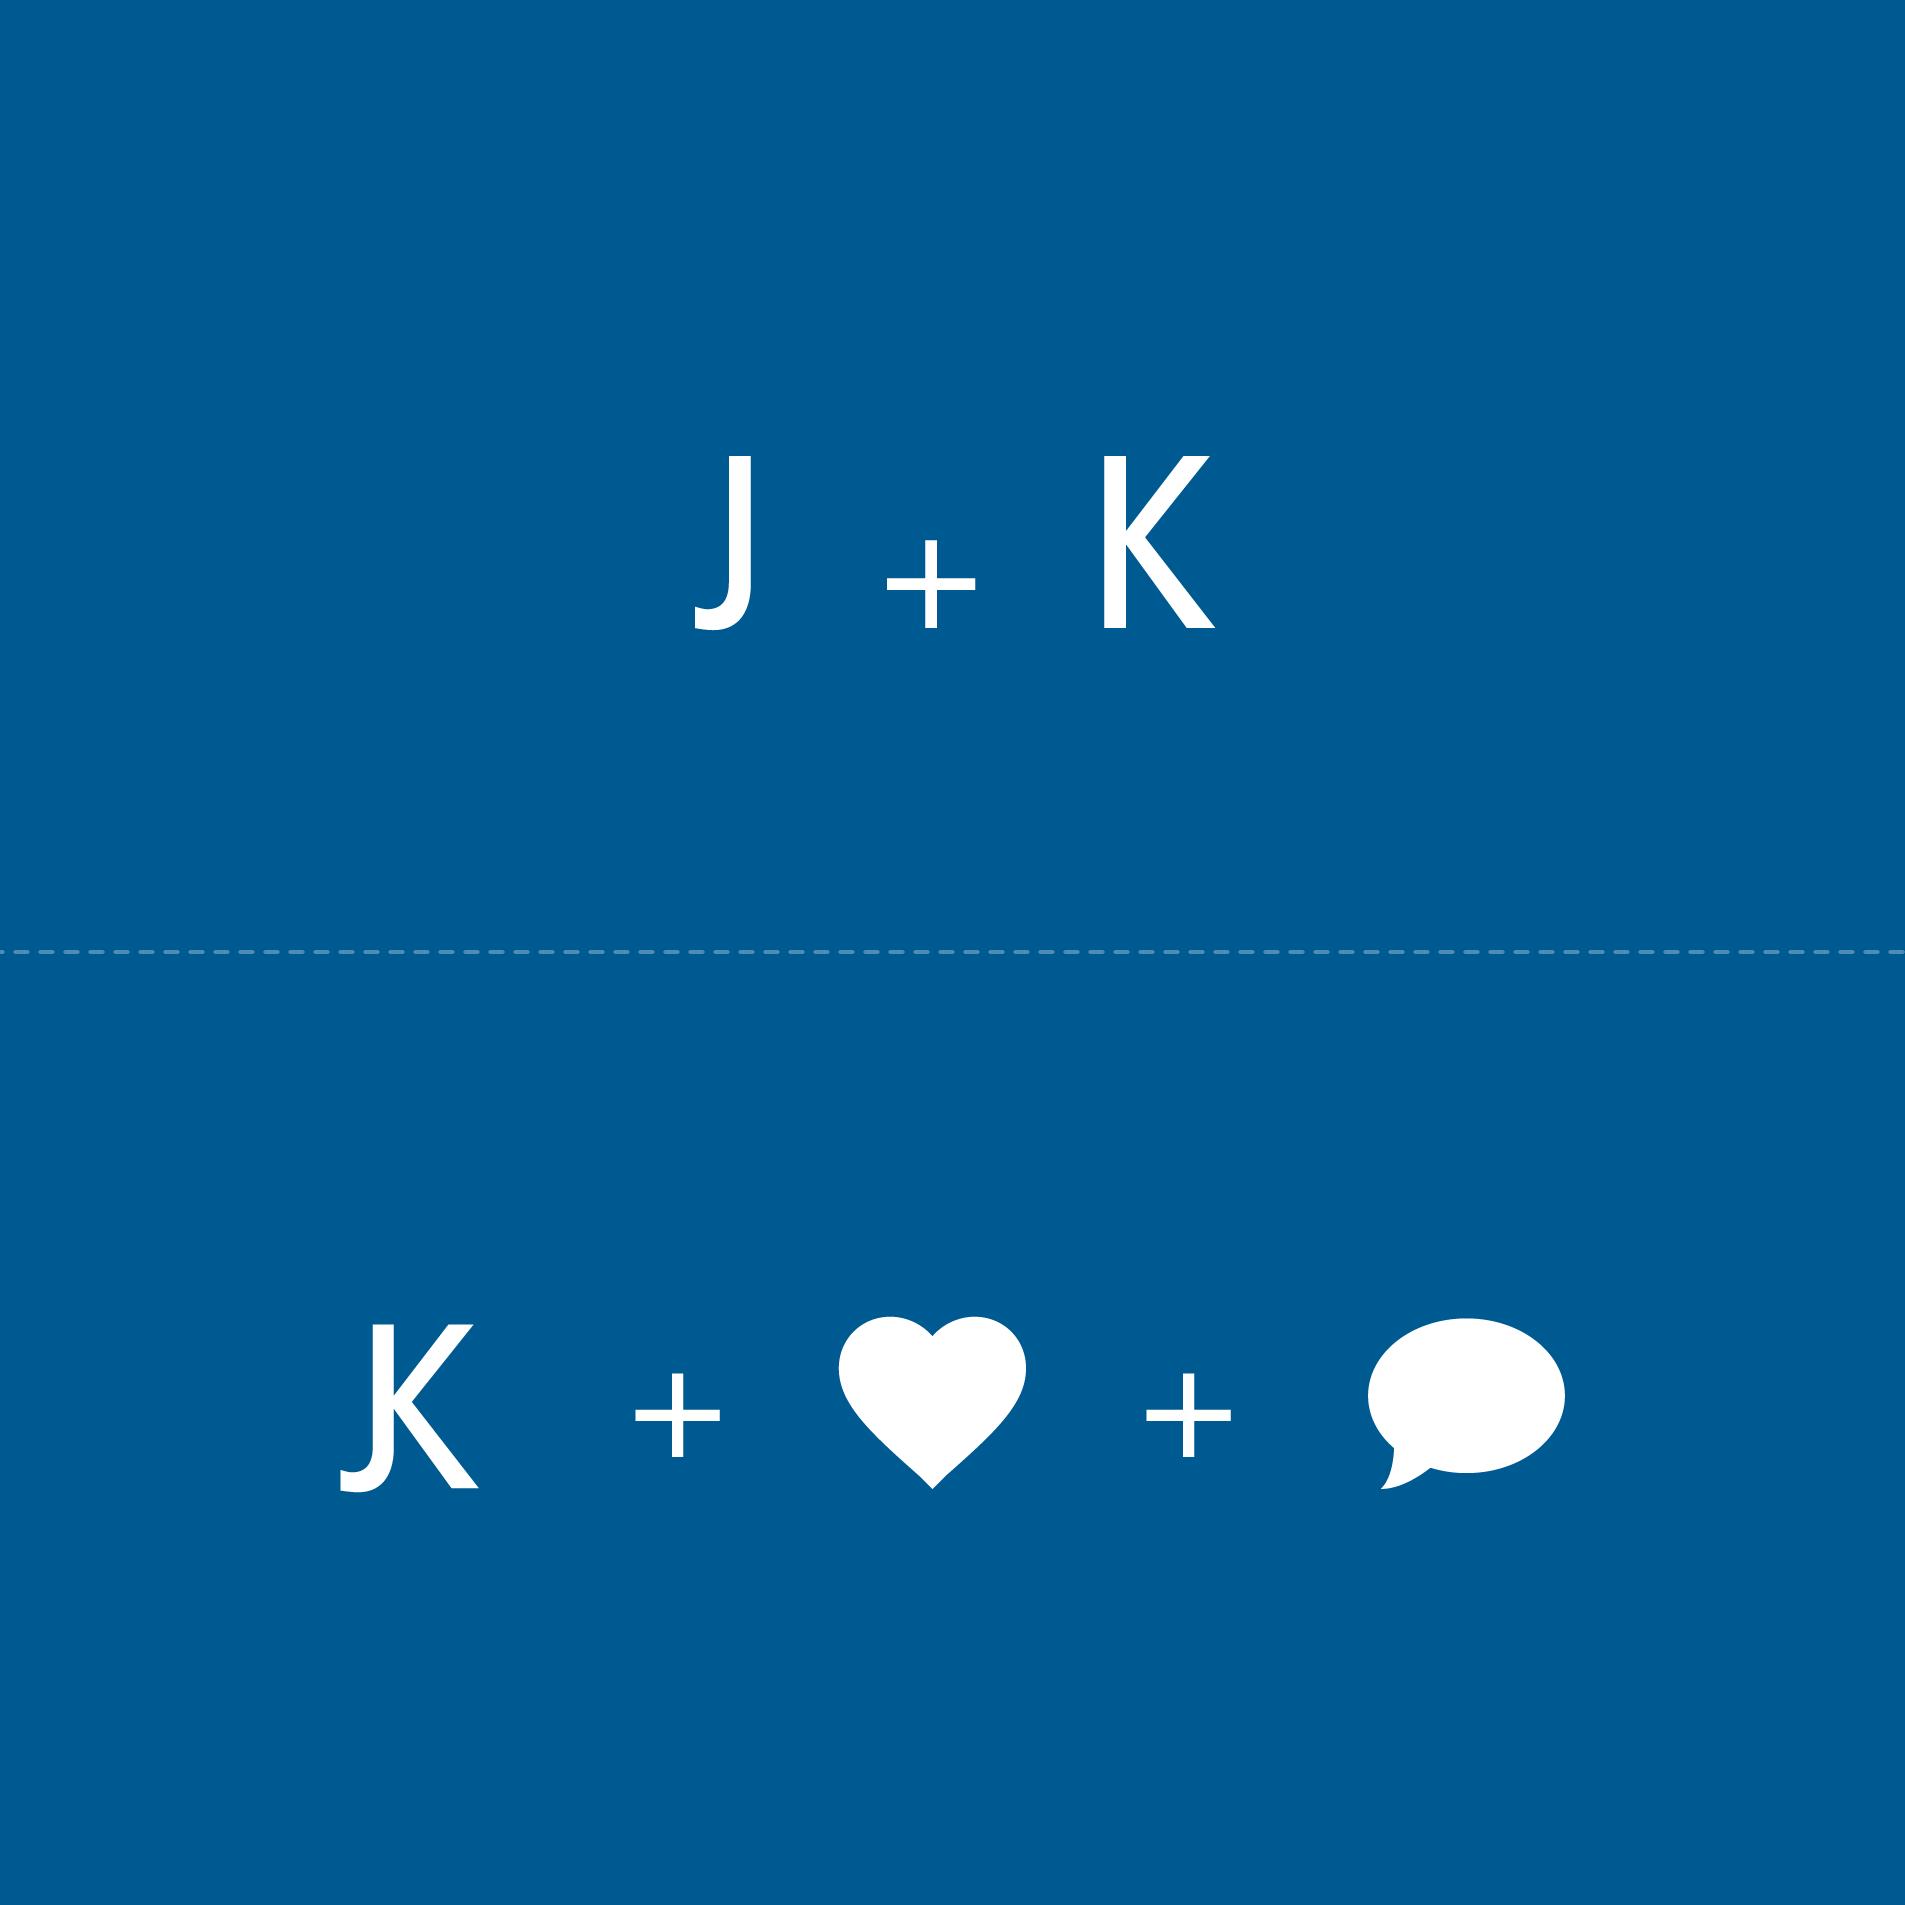 diseño de marca de la clínica jk salud